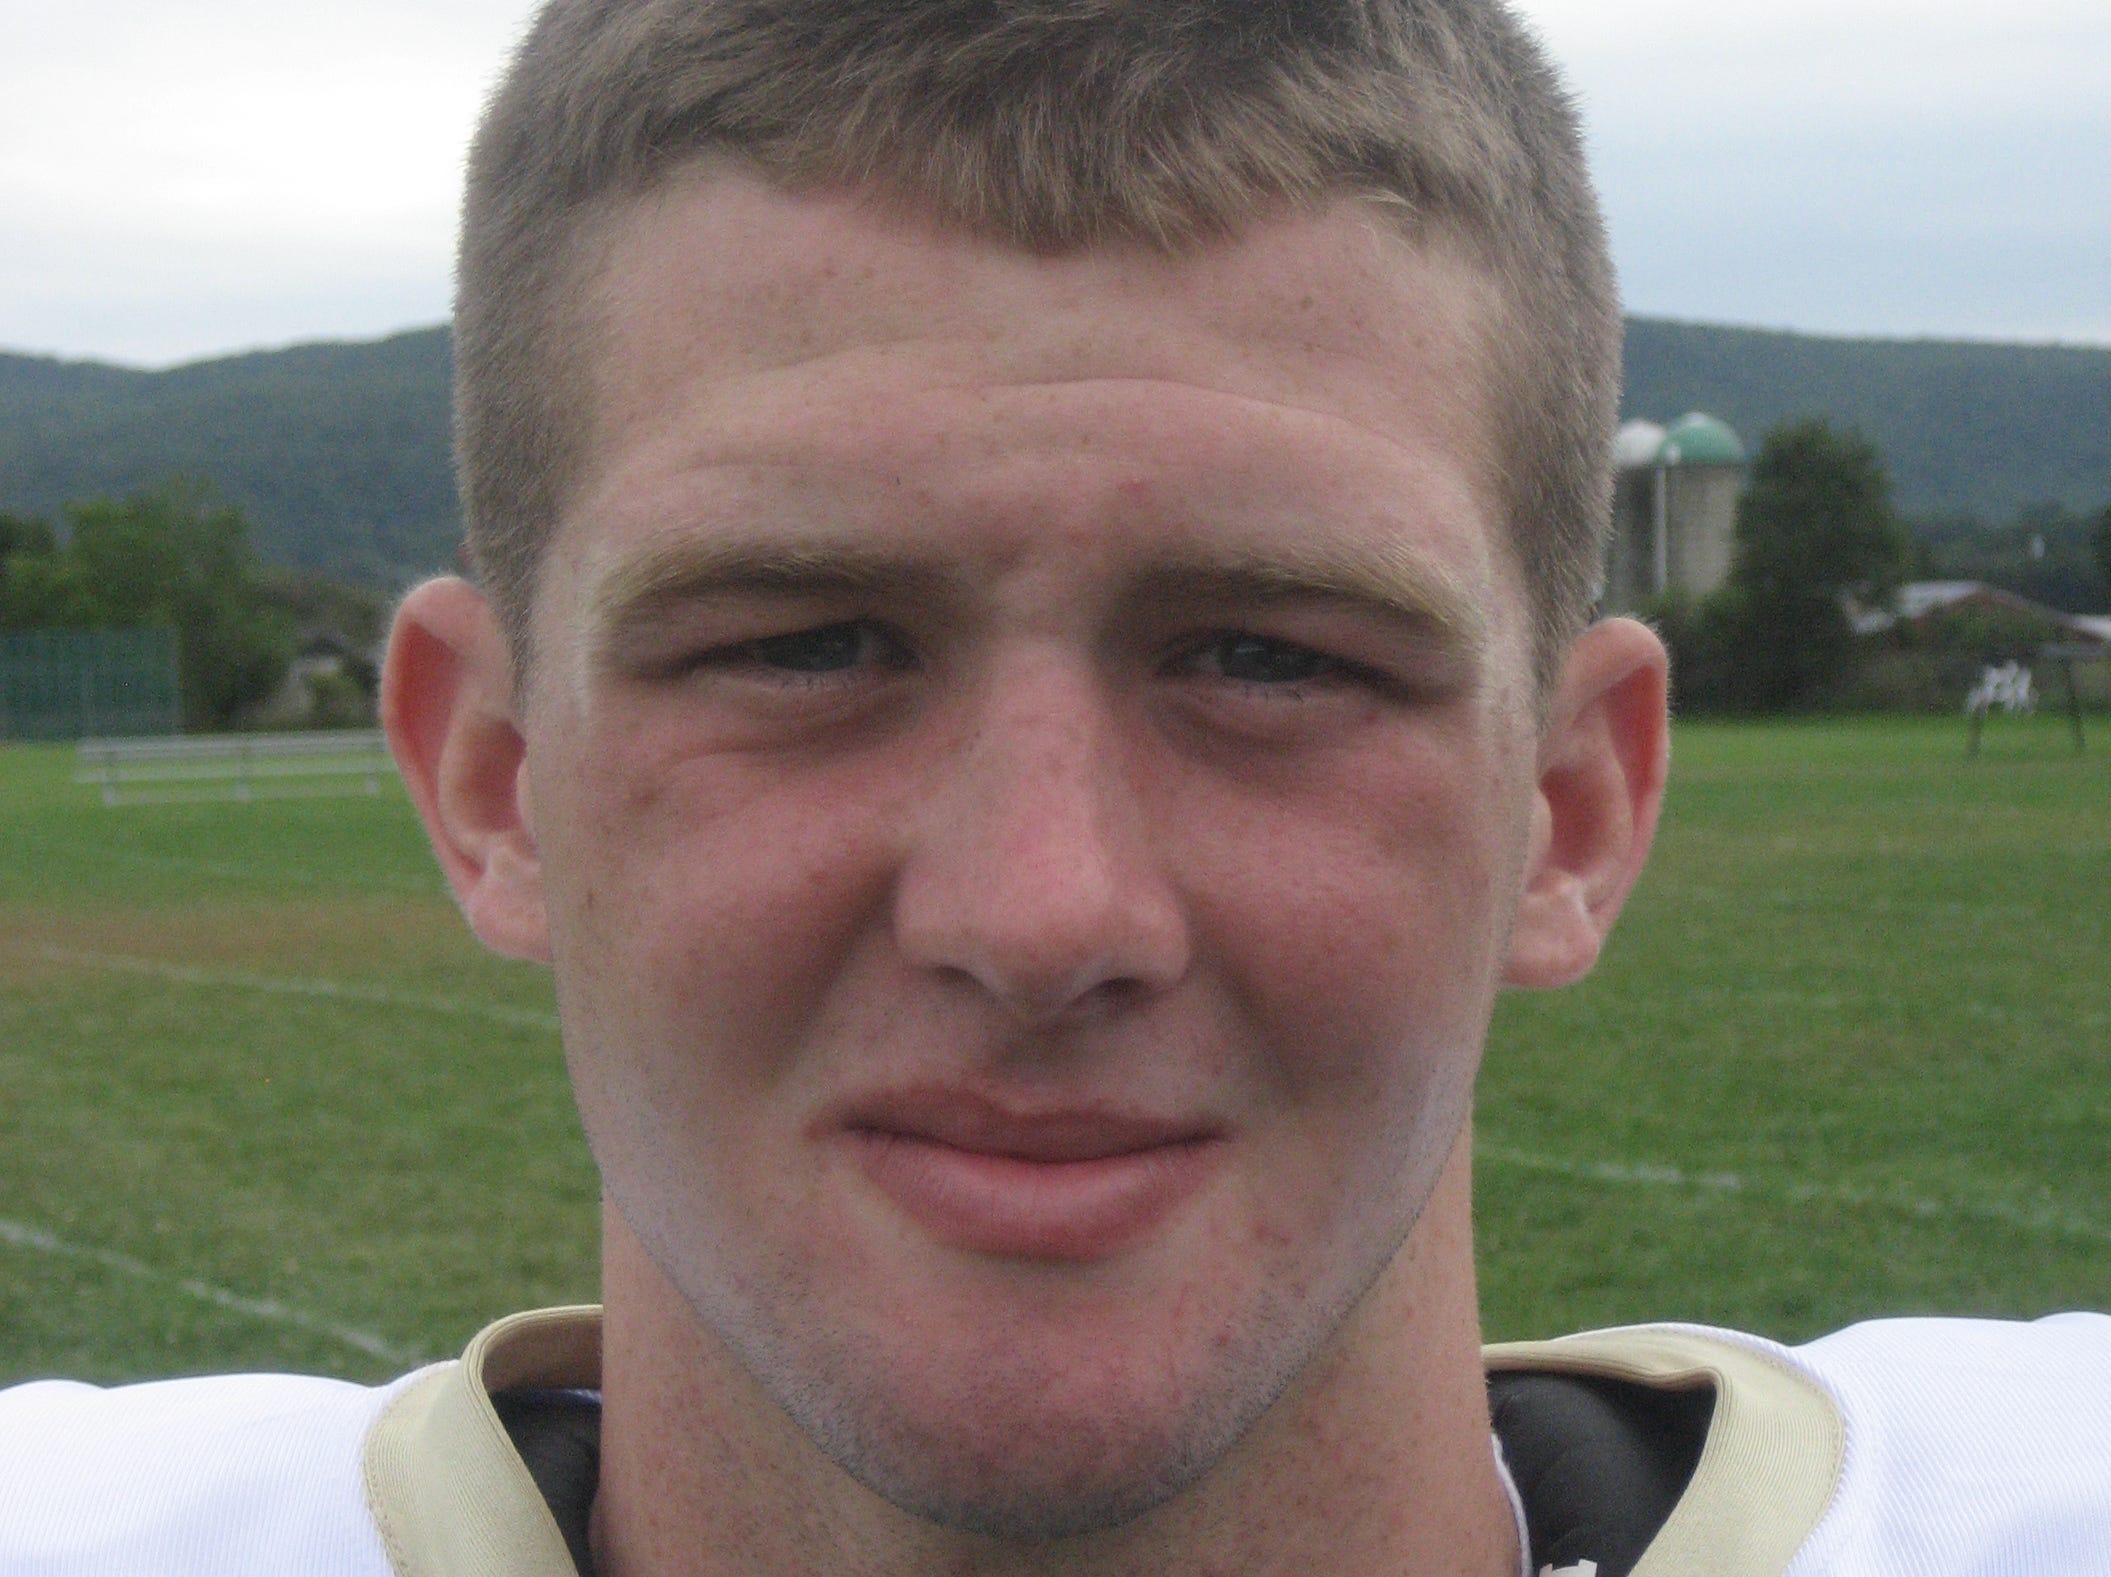 From 2009: Windsor football, Dave Goetz